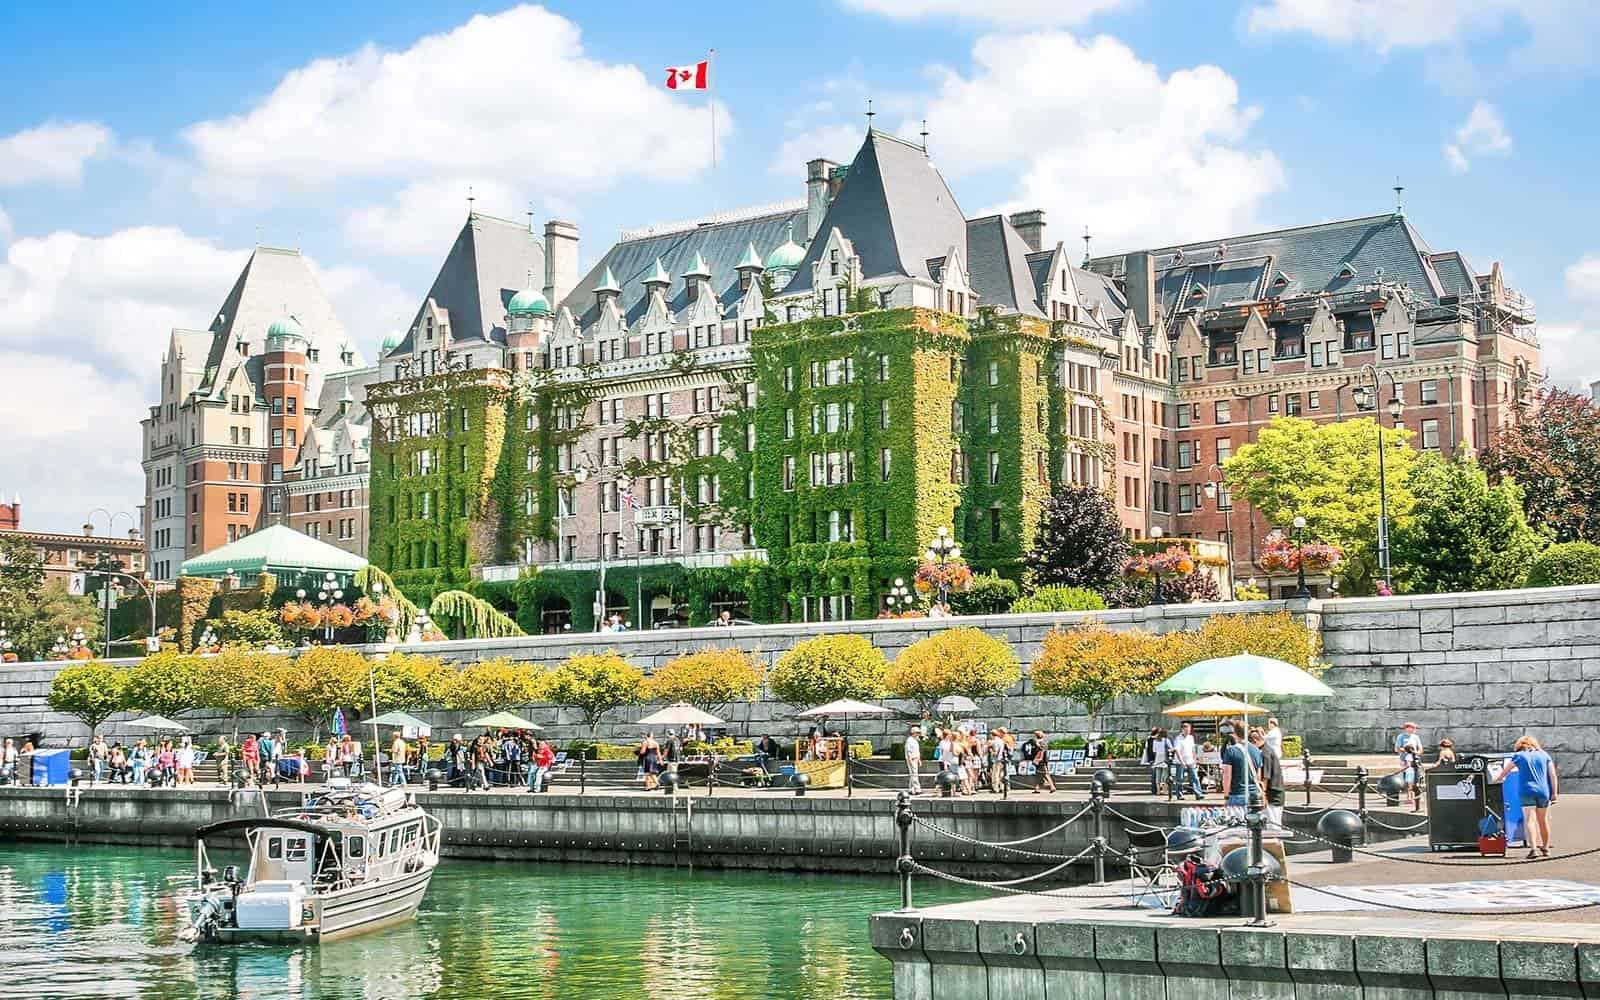 www.123nhanh.com: Cơ hội thành công dành cho người mới định cư Canada